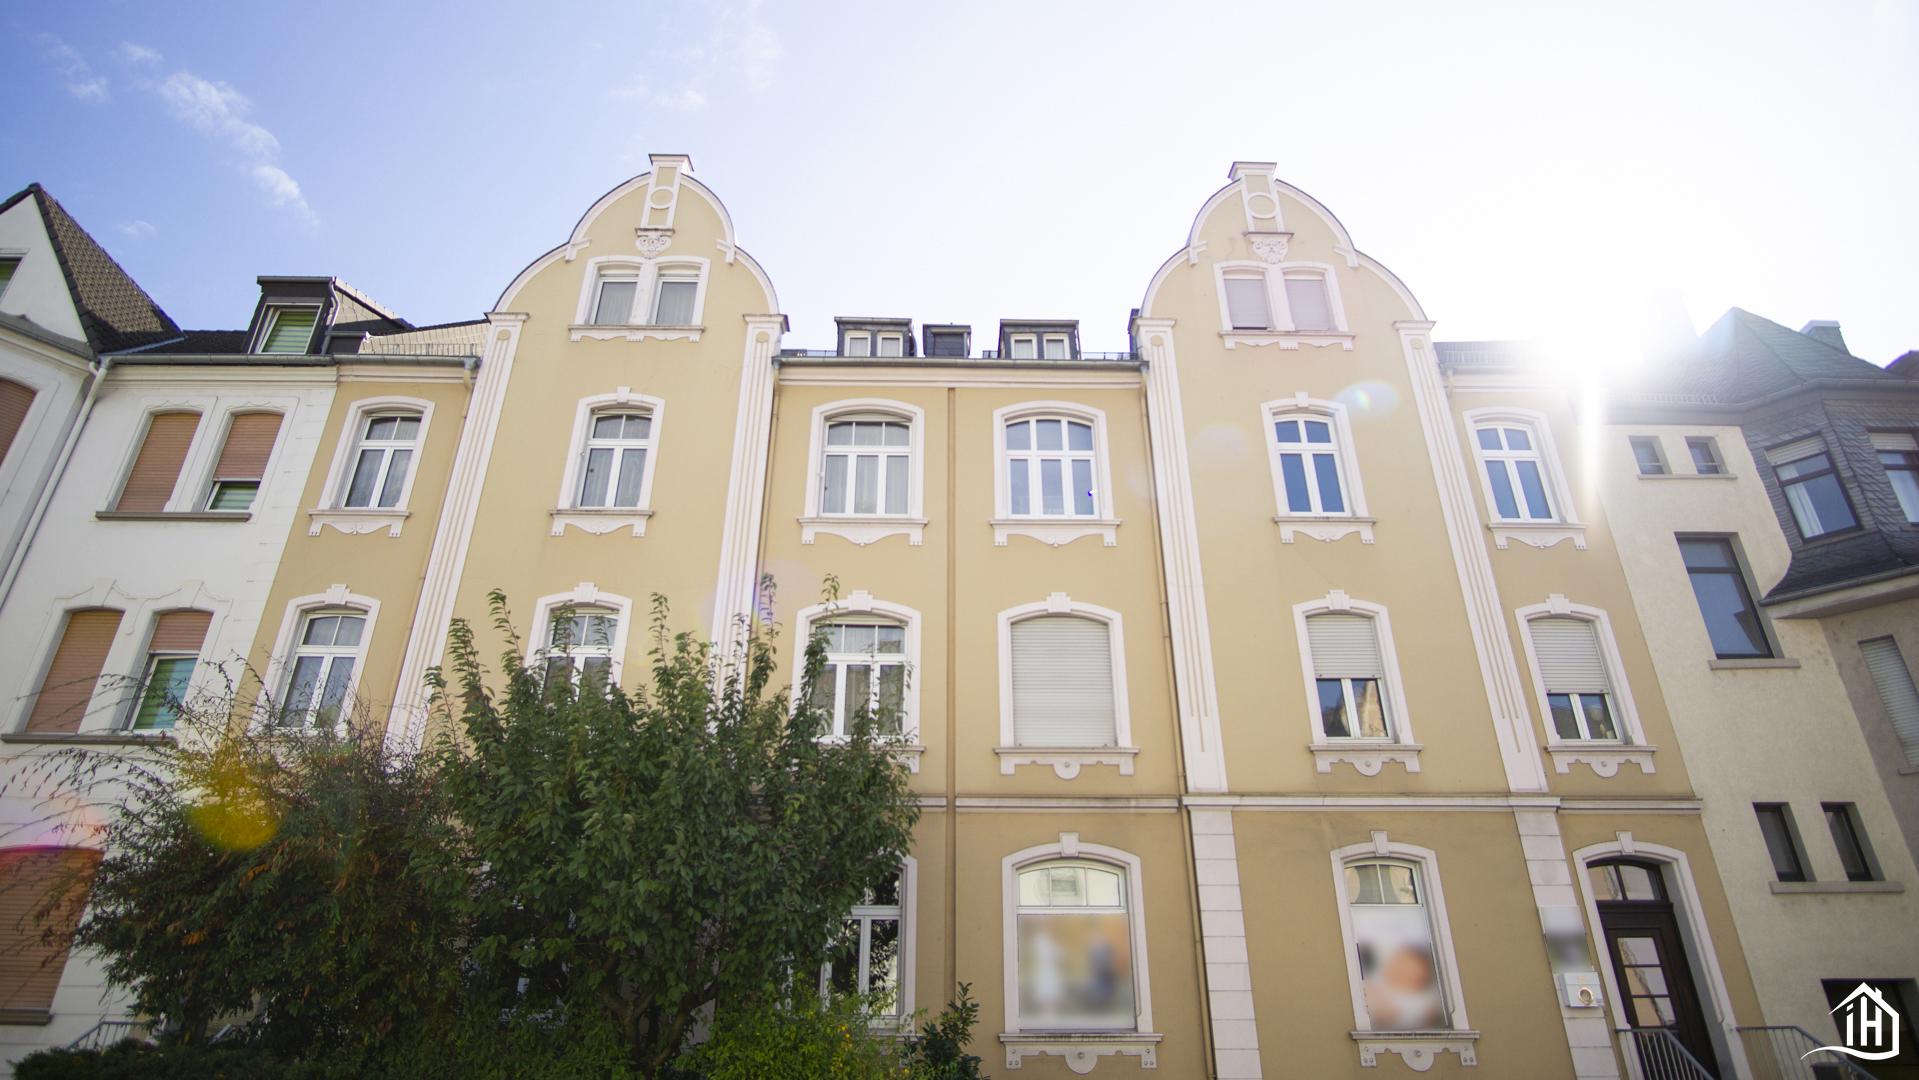 Jugendstilhaus Immobilien Hahnefeld